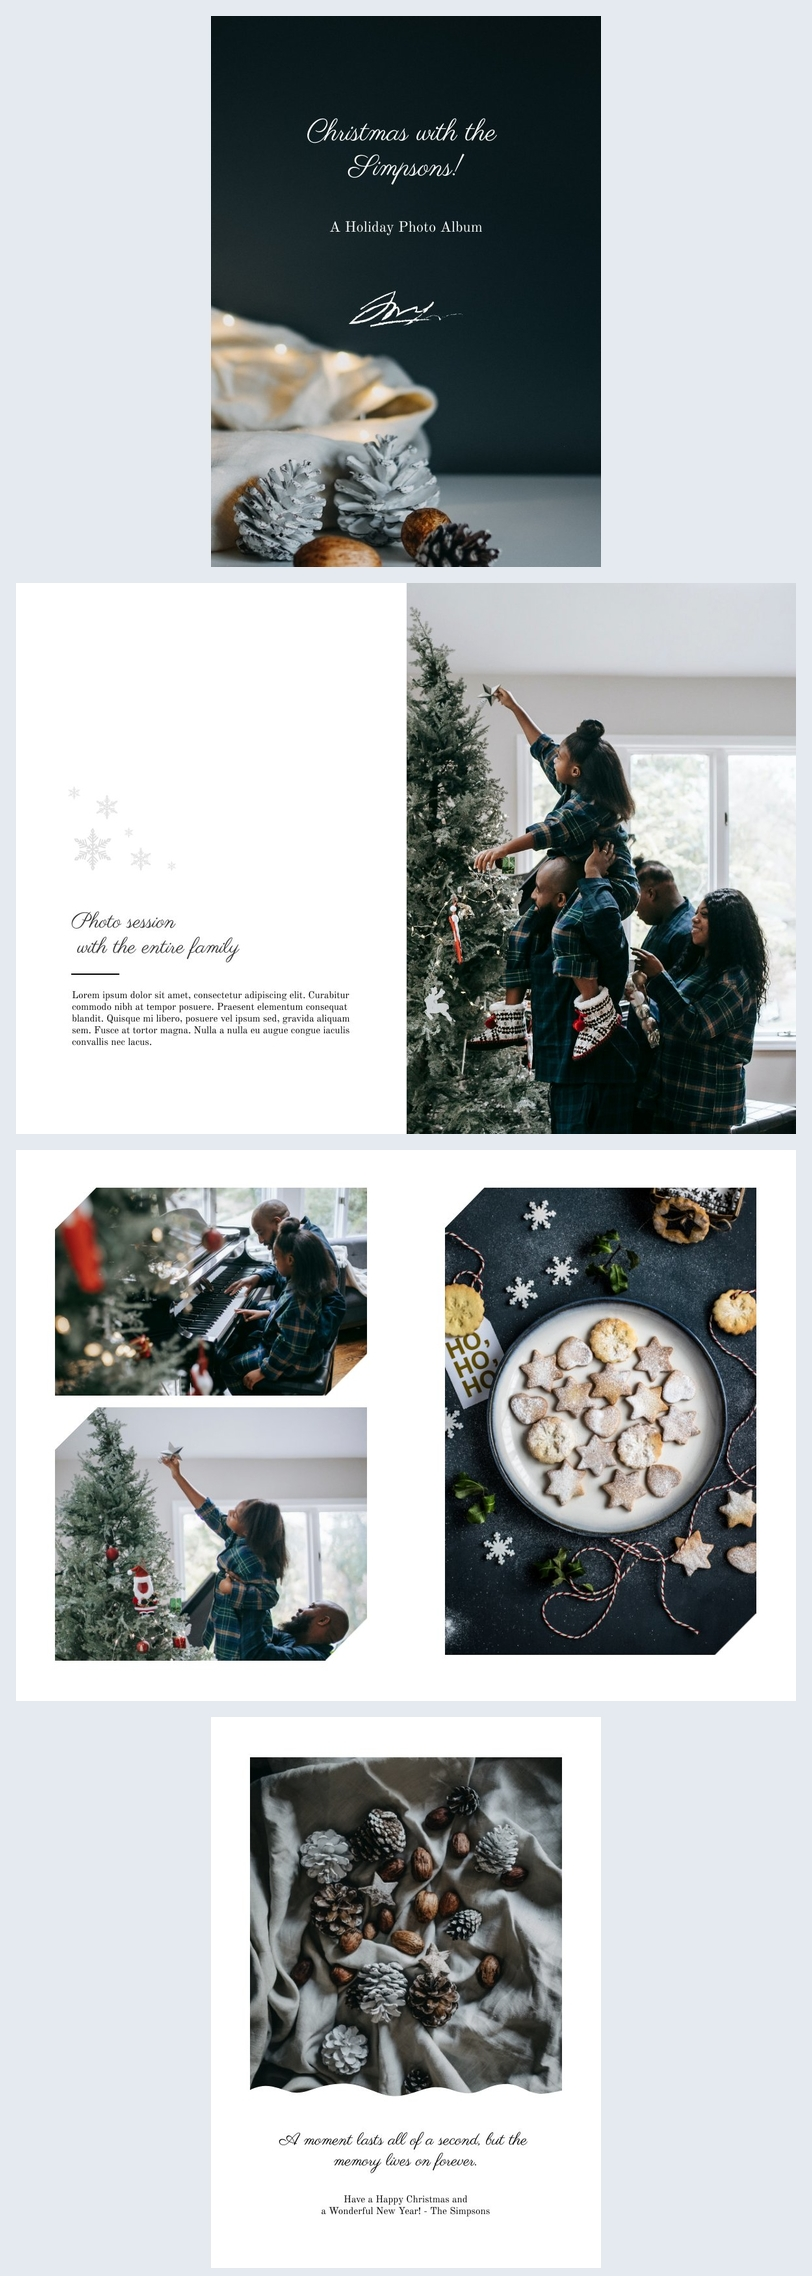 Design d'album photo de fêtes de fin d'année